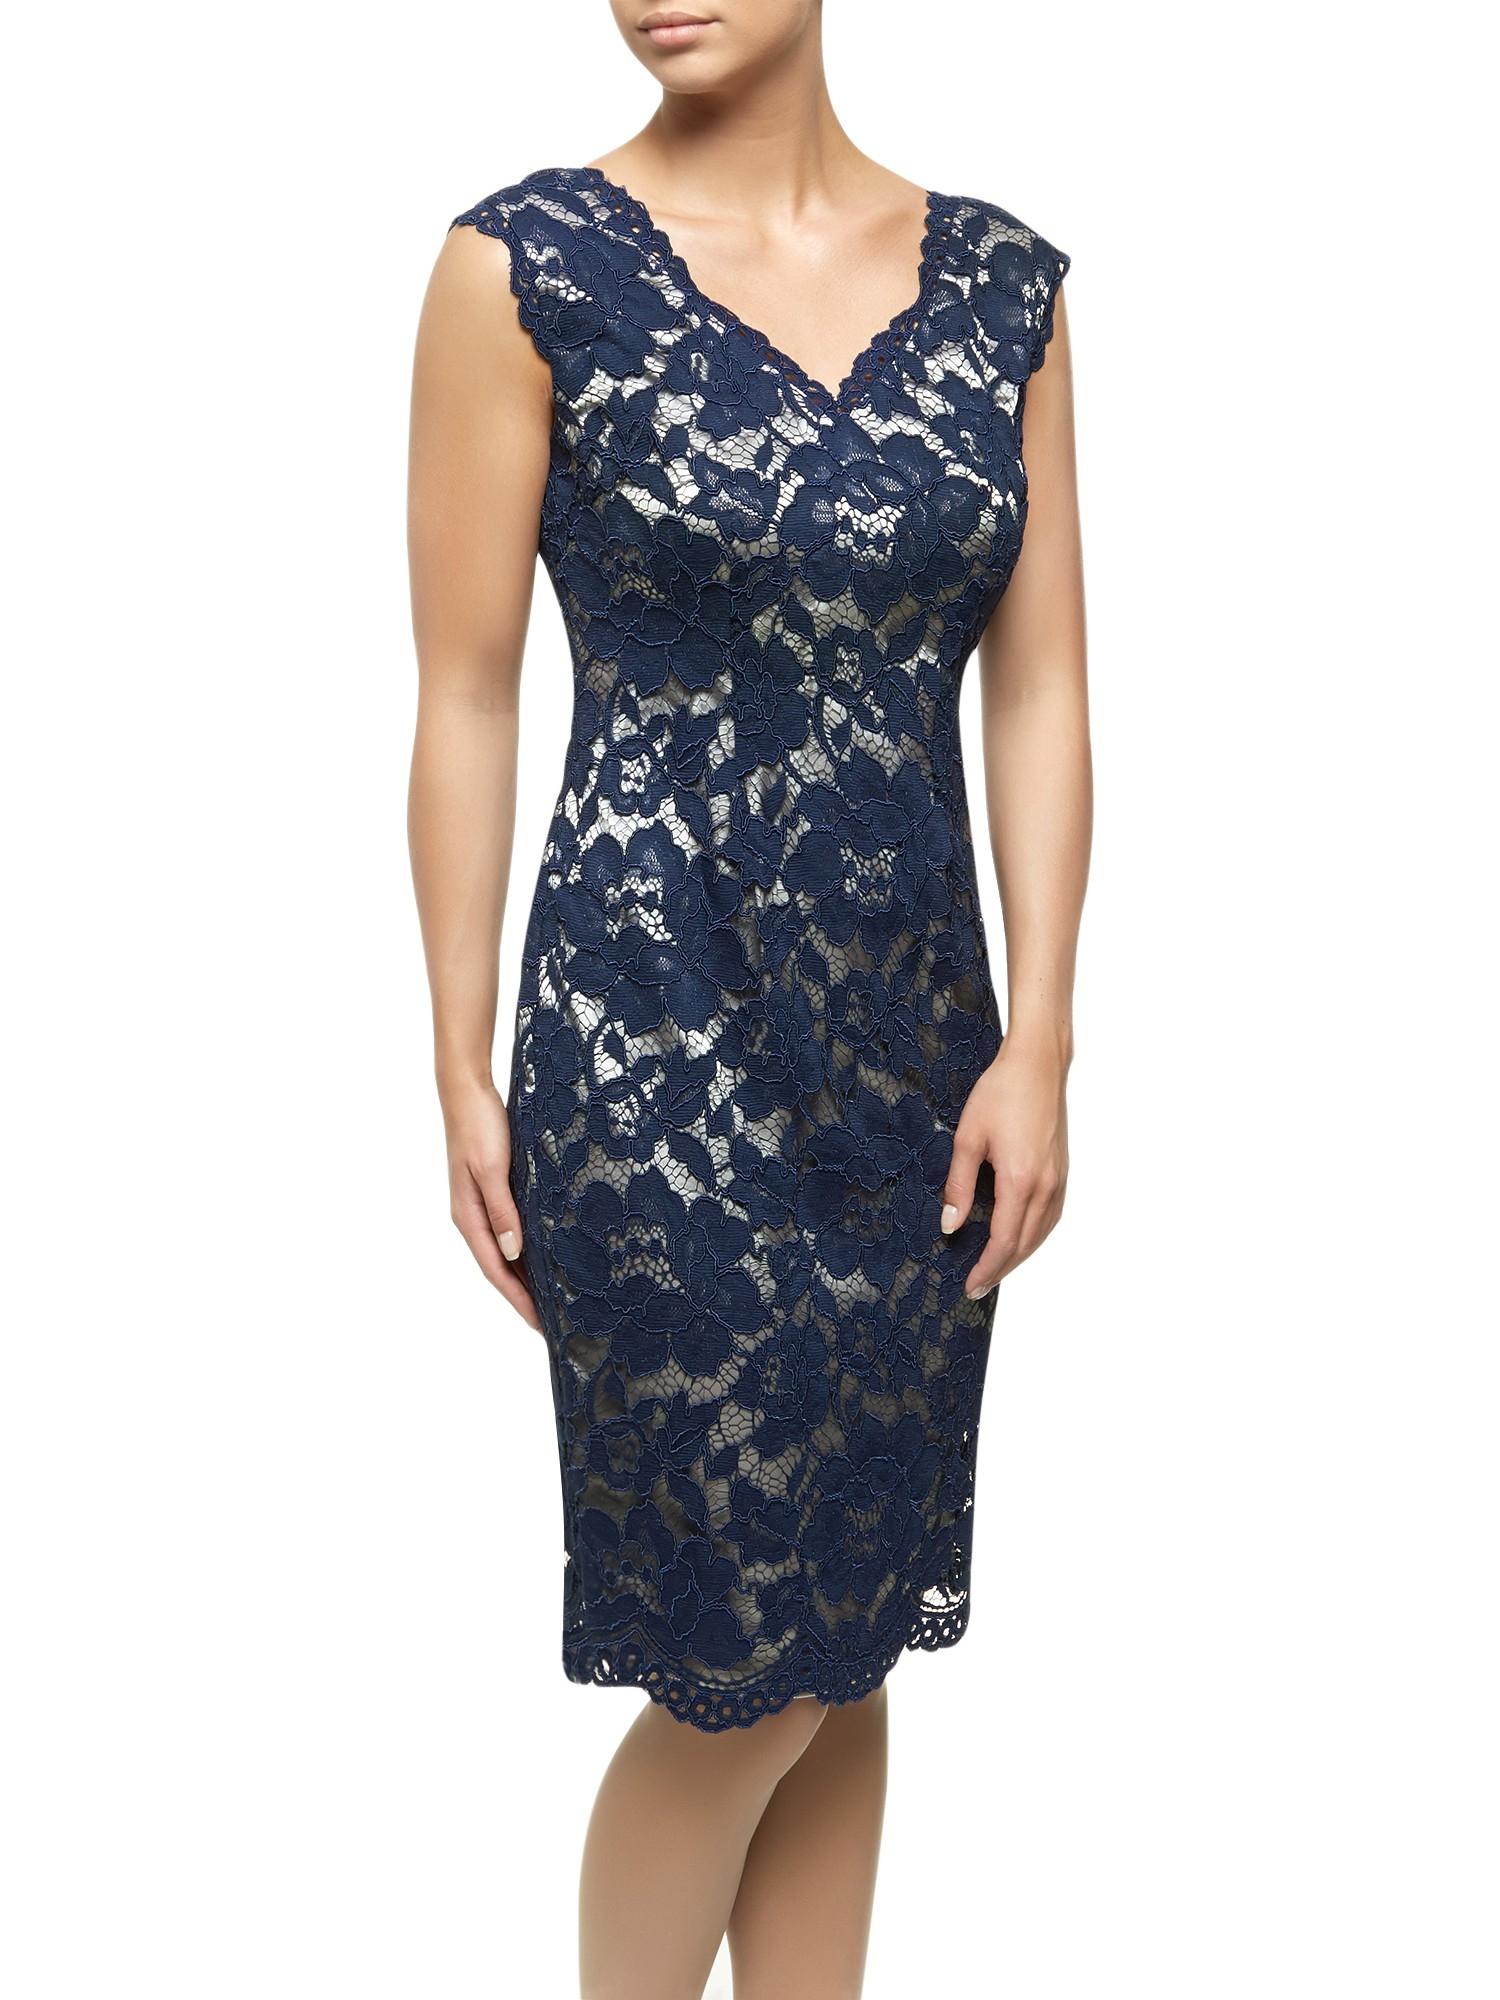 Jacques vert Opulent Lace Dress in Blue | Lyst